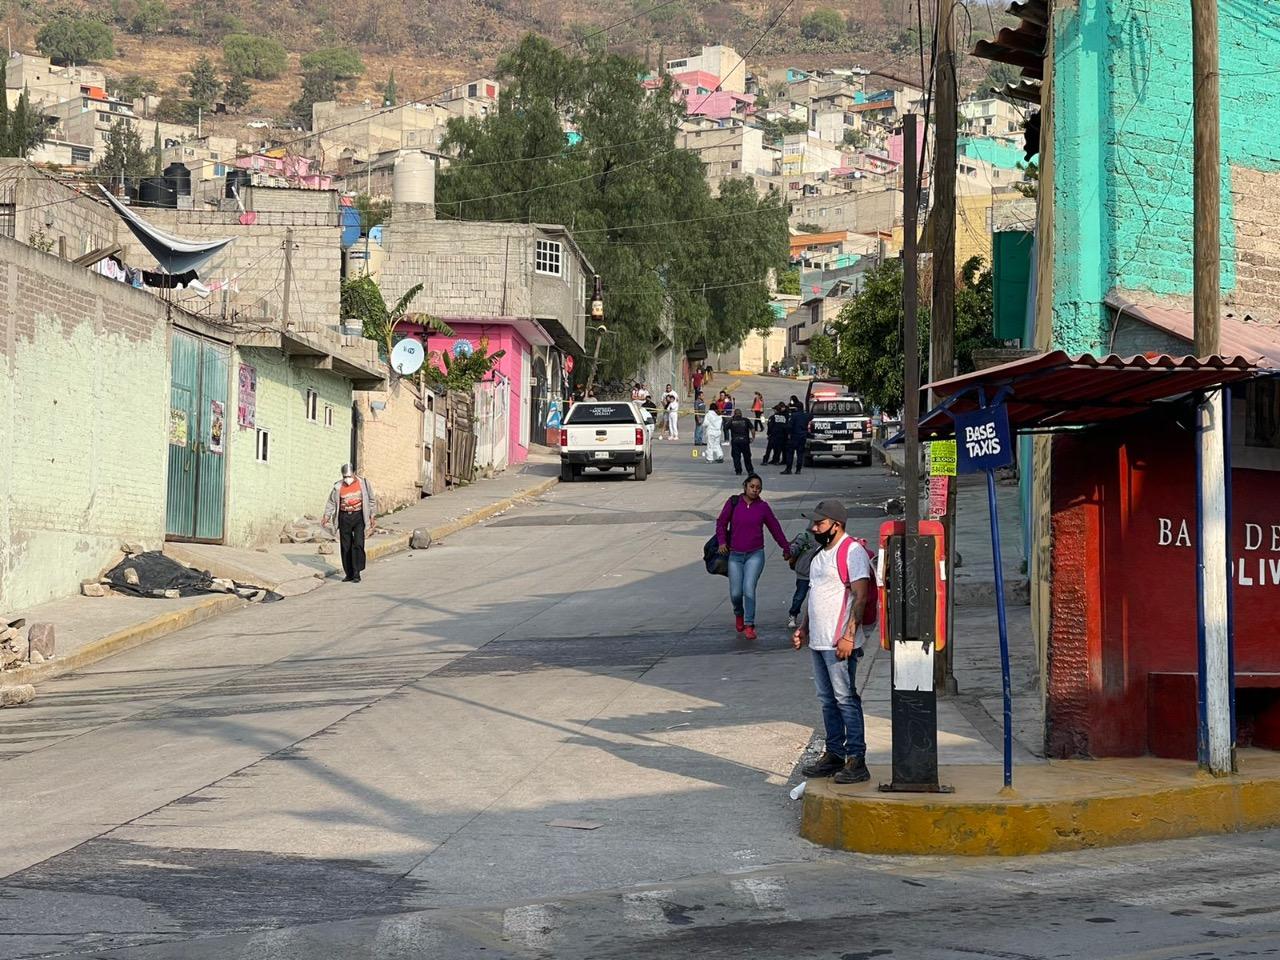 En Ecatepec, el robo con violencia ha ido en aumento en los últimos meses del año